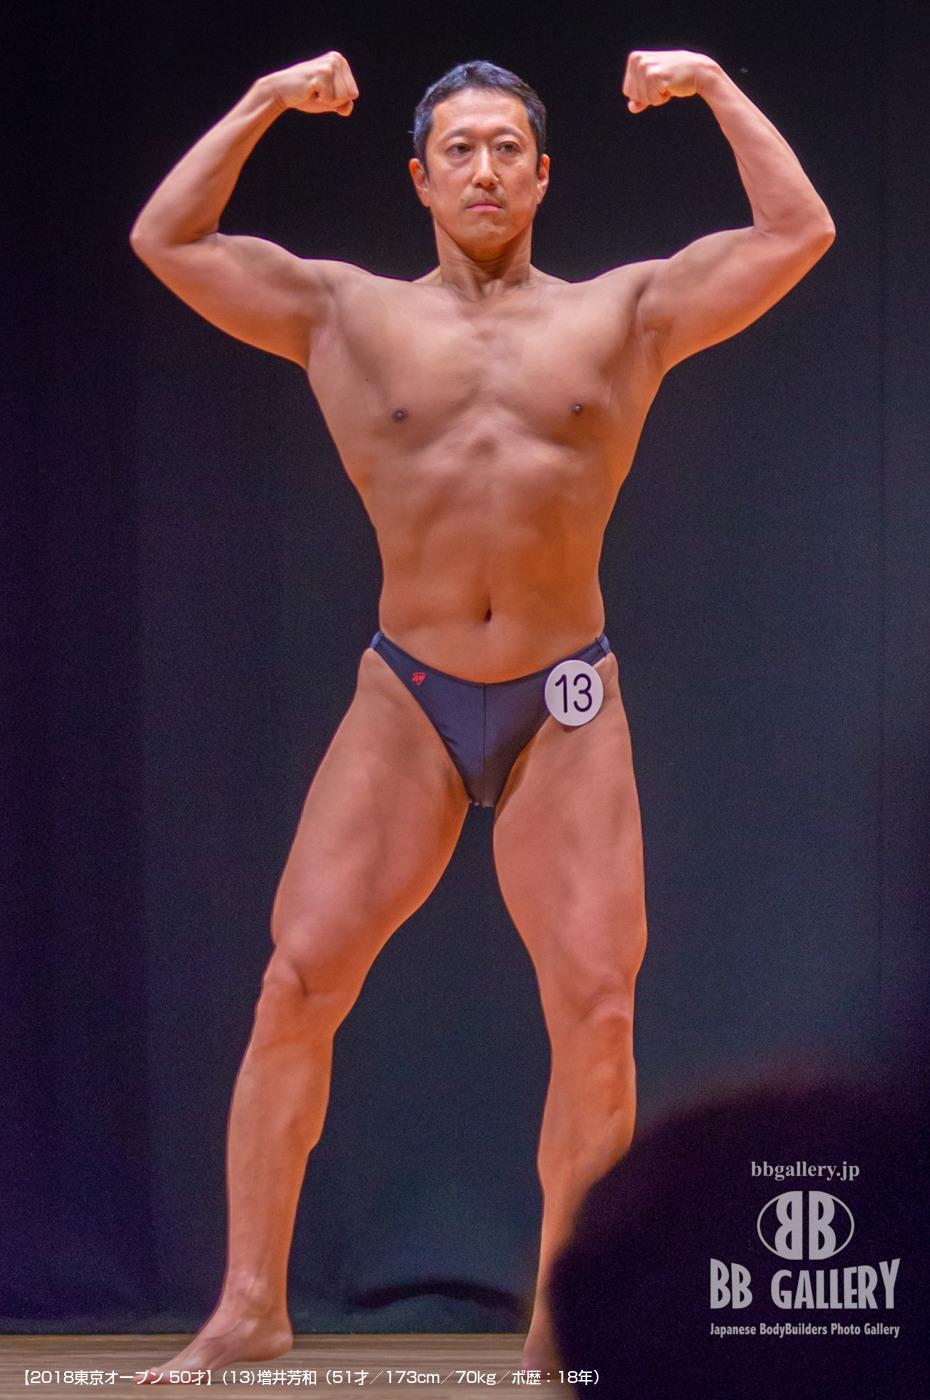 【2018東京オープン 50才】(13)増井芳和(51才/173cm/70kg/ボ歴:18年)